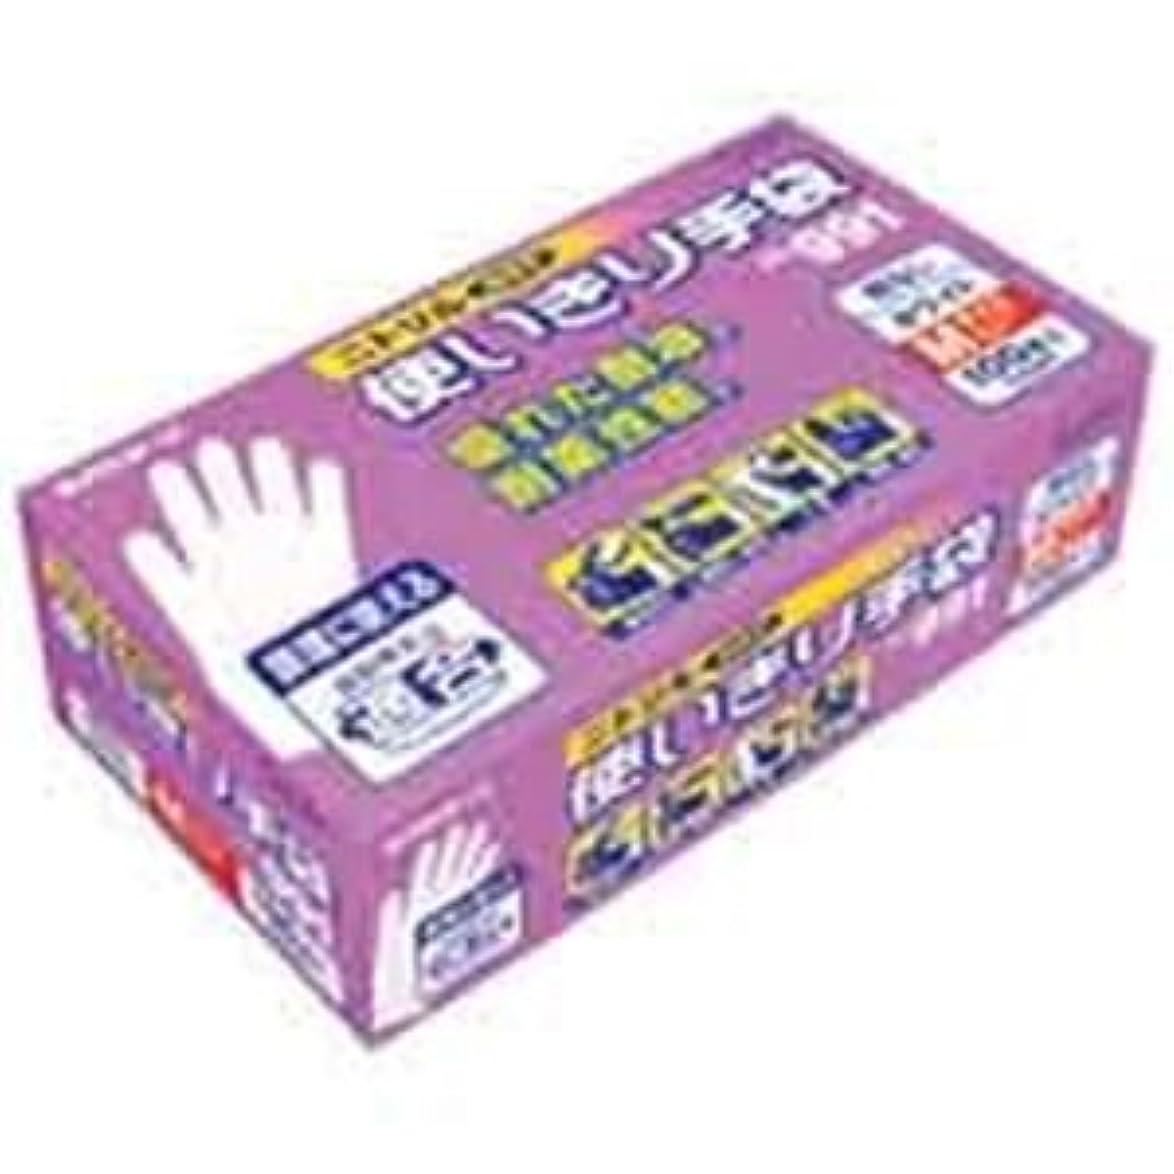 窒素液化するセーブエステー ニトリル使いきり手袋/作業用手袋 [粉無 No.991ホワイト/M 12箱]